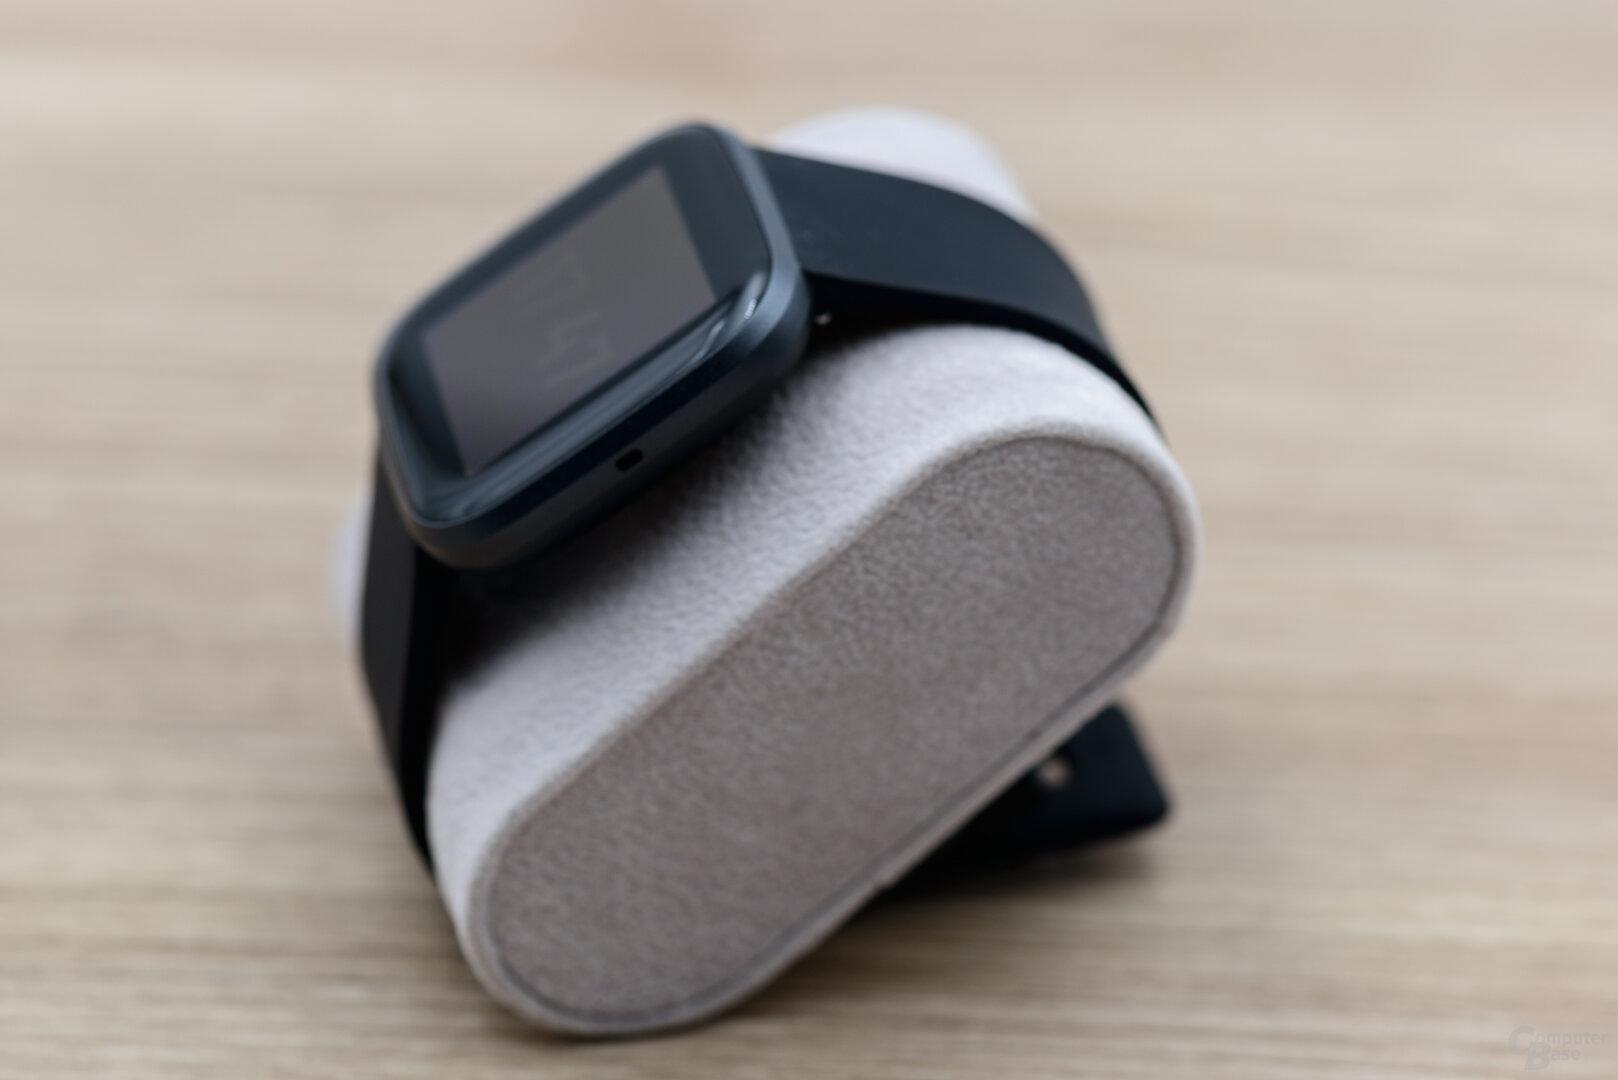 Fitbit Versa 2: Seitenansicht mit Mikrofon